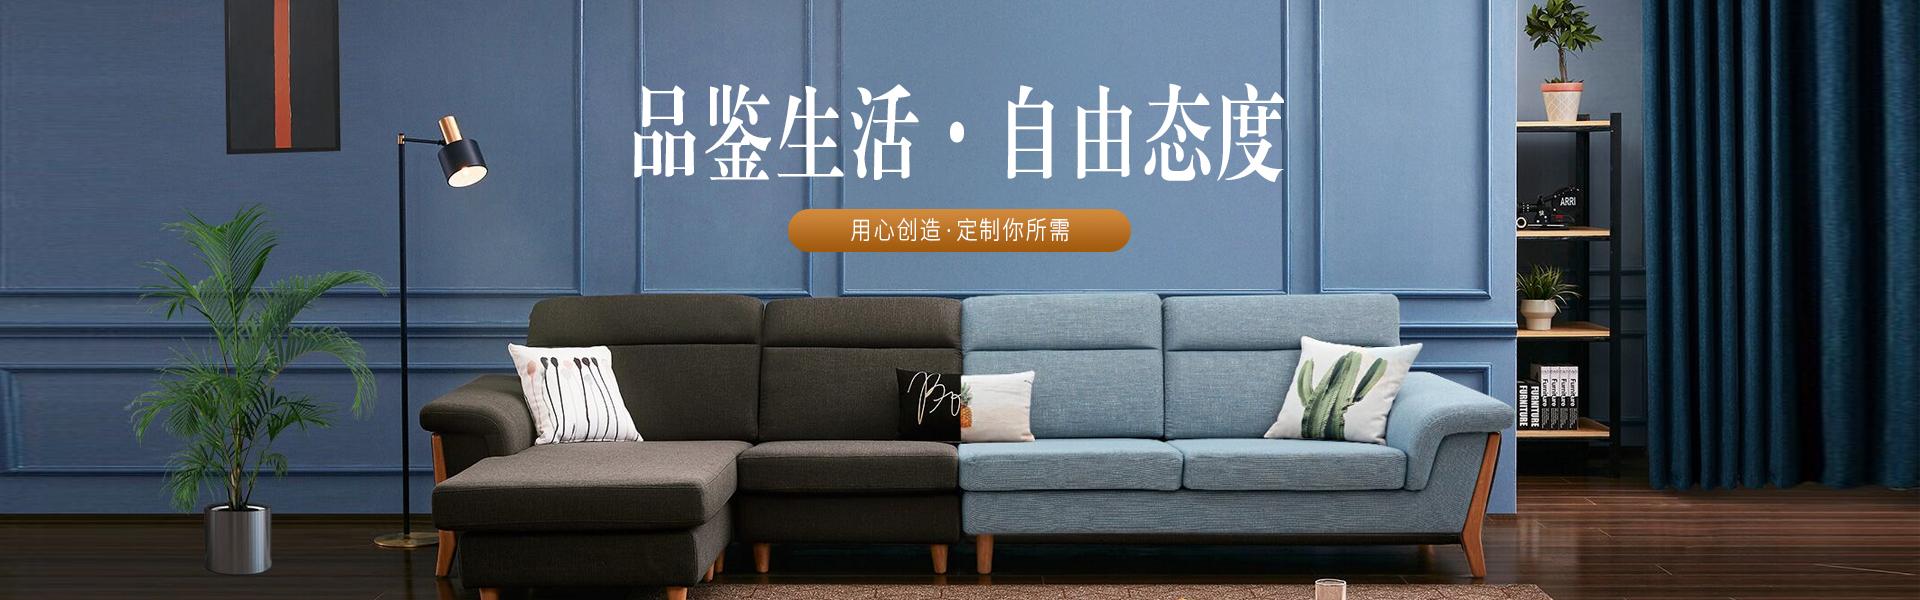 惠州恒祥家具有限公司